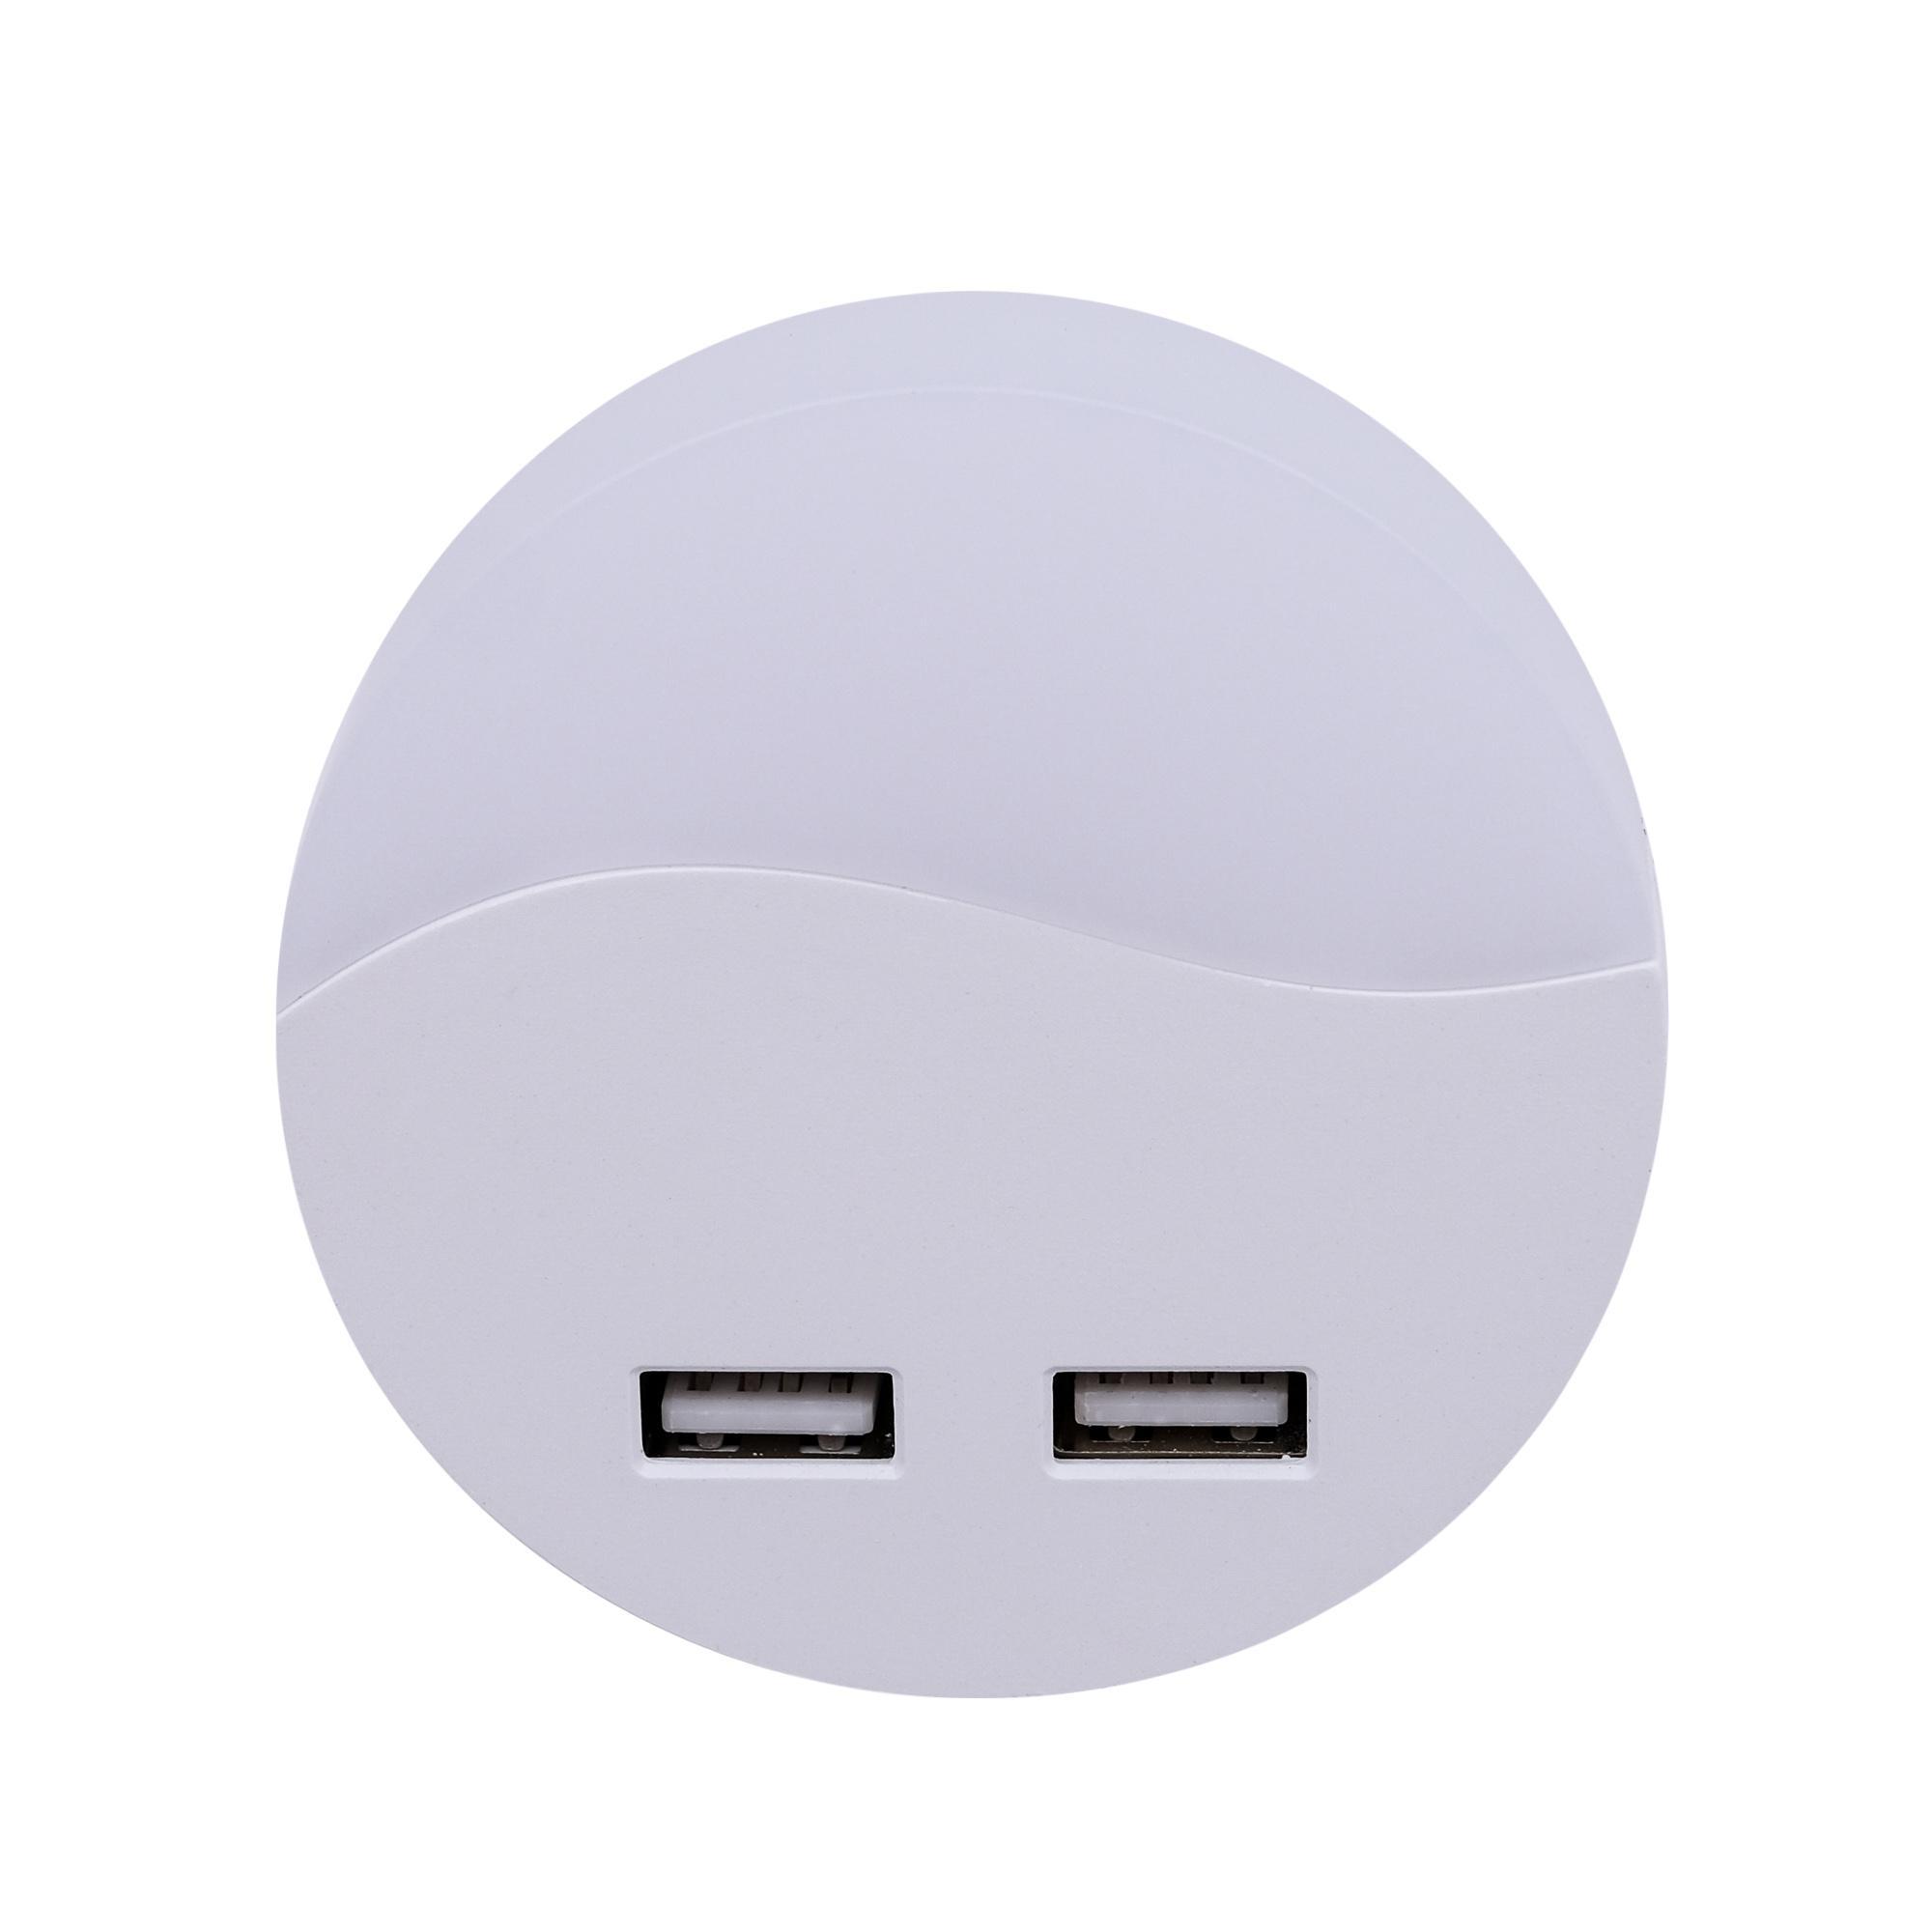 Светильник-ночник Старт Круг 1LED USB с датчиком освещенности